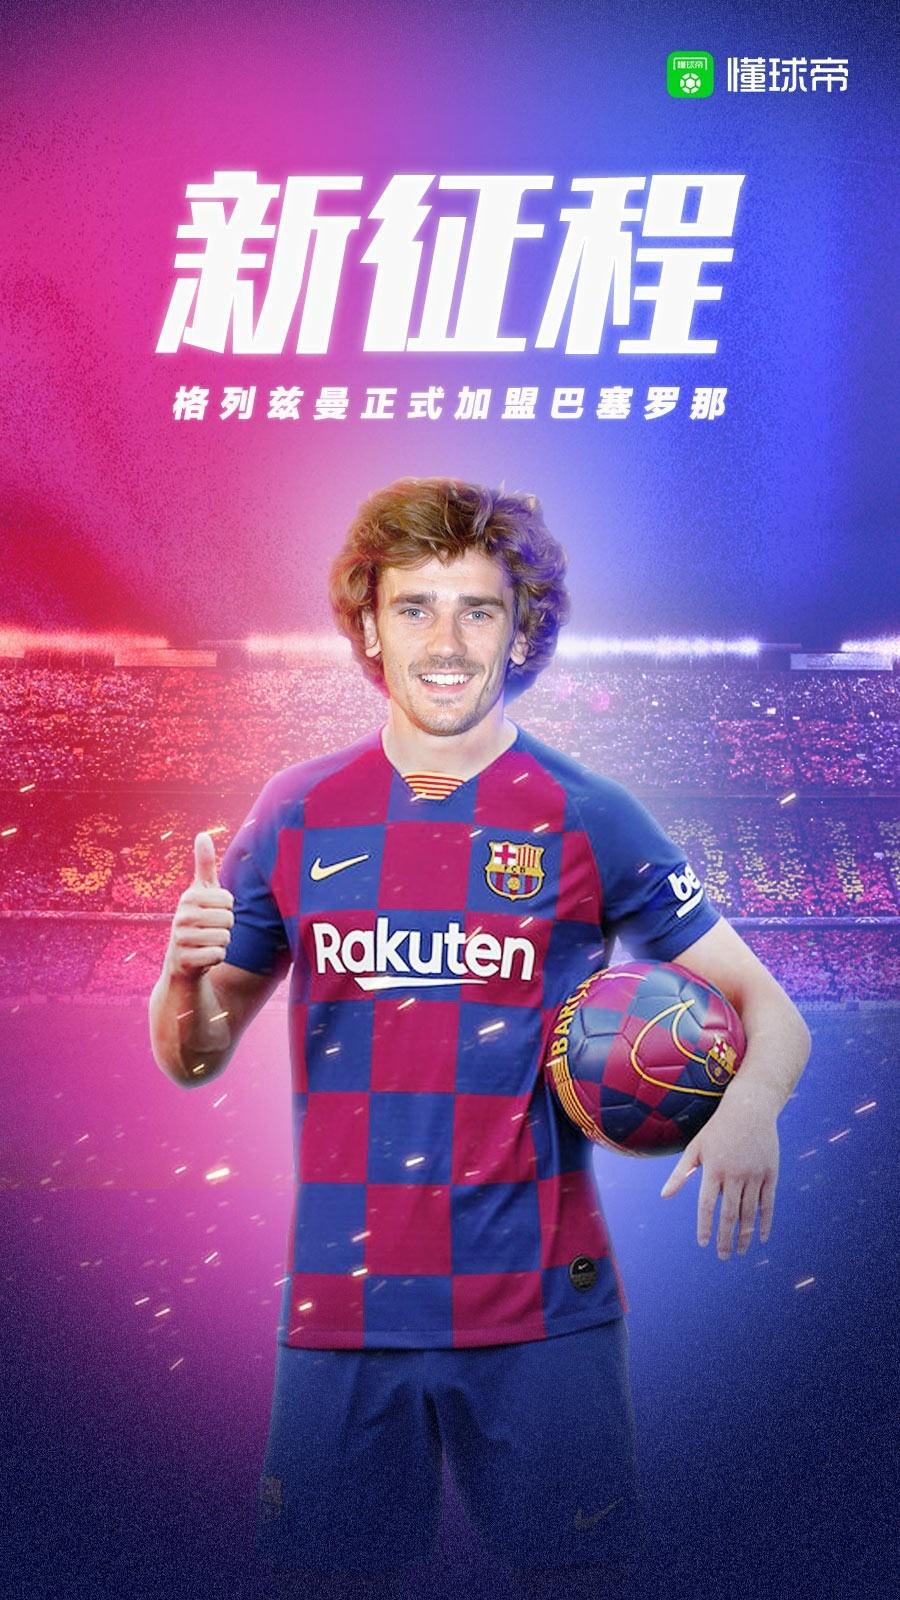 比分启动图:新征程!格子加盟巴塞罗那